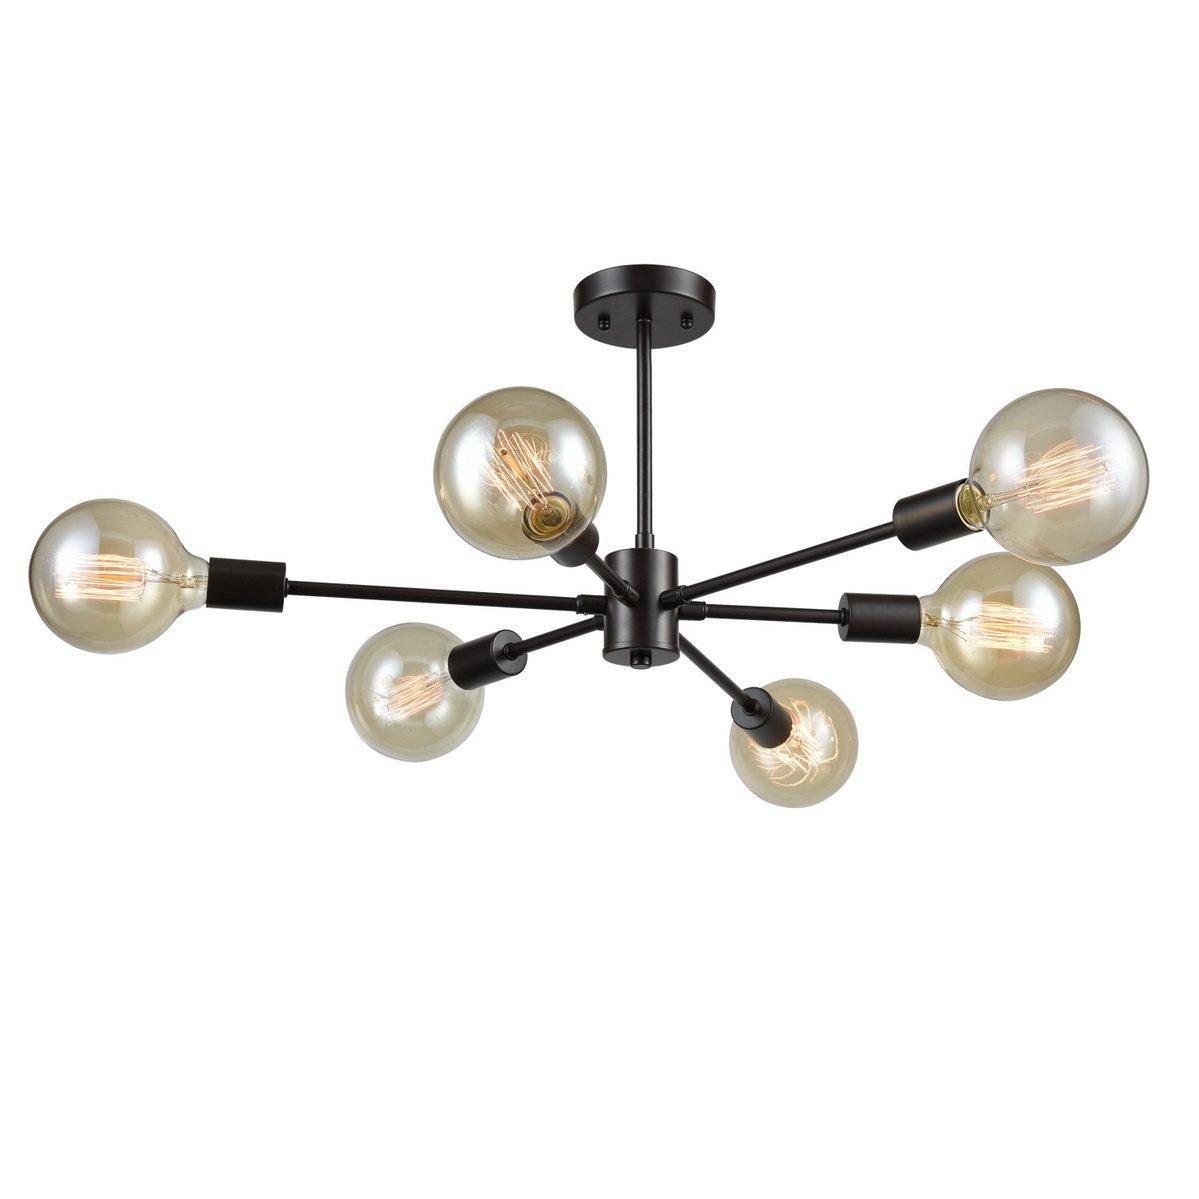 Dazhuanスプートニクシャンデリア-メタルsemi-flush天井照明器具 T7054-6CU-OB B078M2XYLW オイルステイン仕上げブロンズ